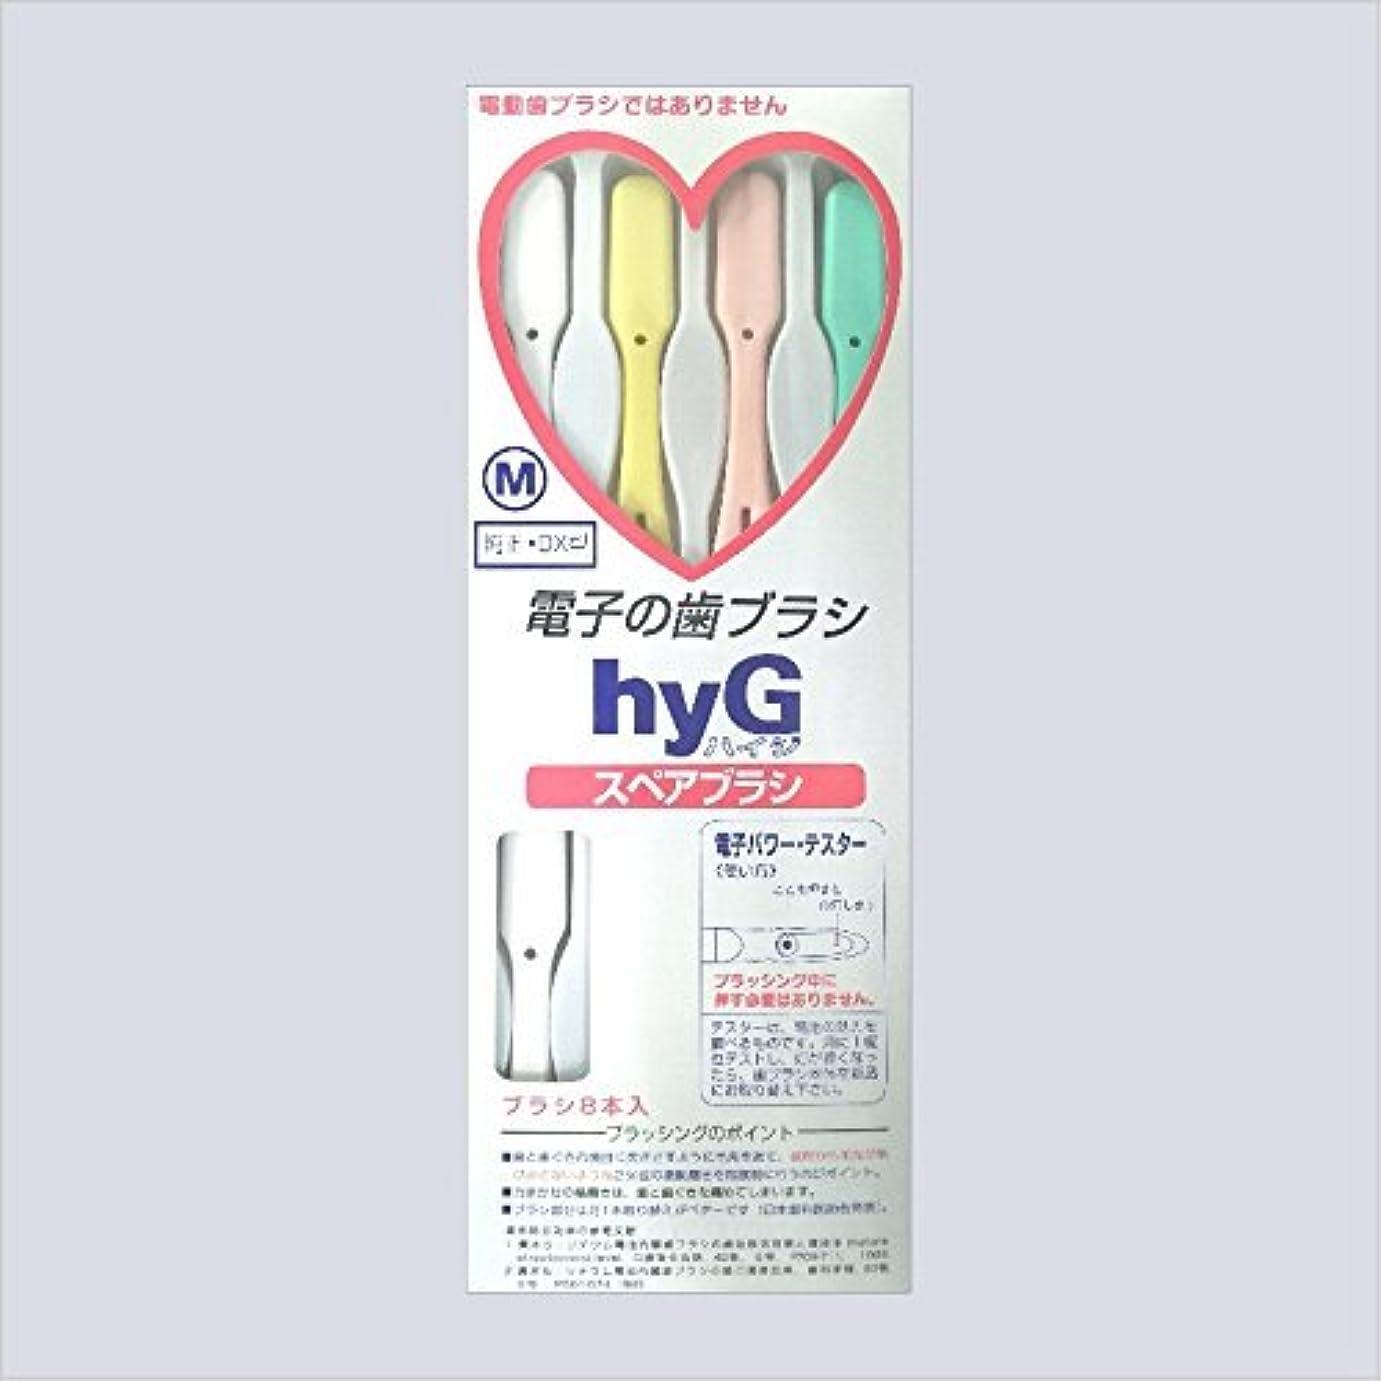 腸離婚注入する電子の歯ブラシ ハイジ(hyG)?スペアブラシ <ブラシの硬さ:Hかため> (※こちらは「スペアブラシ」です )?hyG-DX型